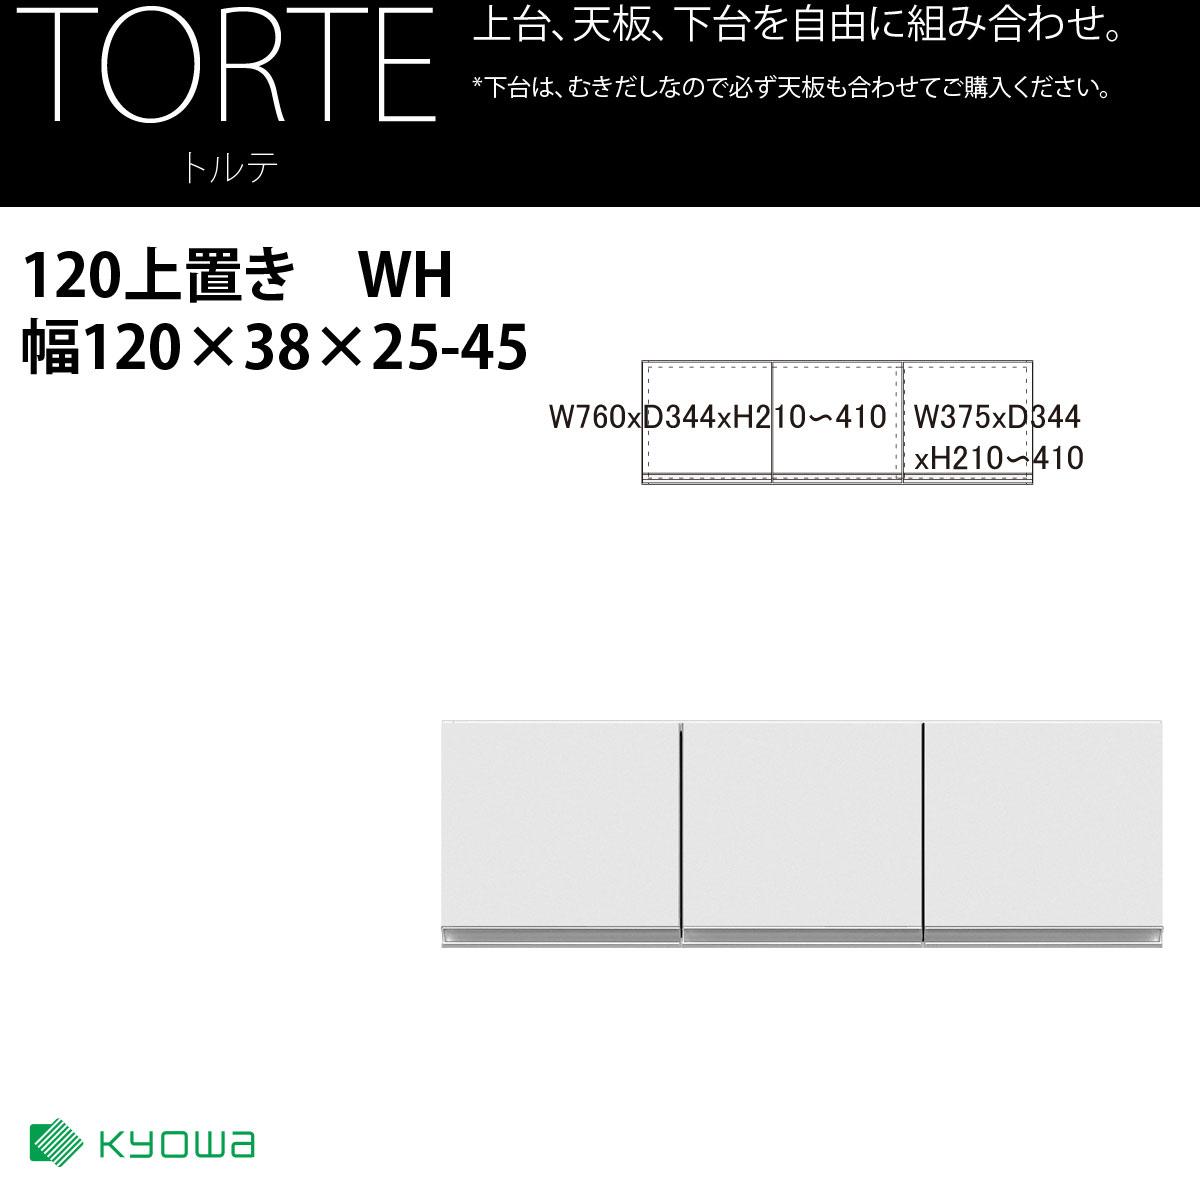 共和産業 トルテ 高さオーダー上置き 120 ホワイト【幅120×高さ25-45cm】 日本製 国産